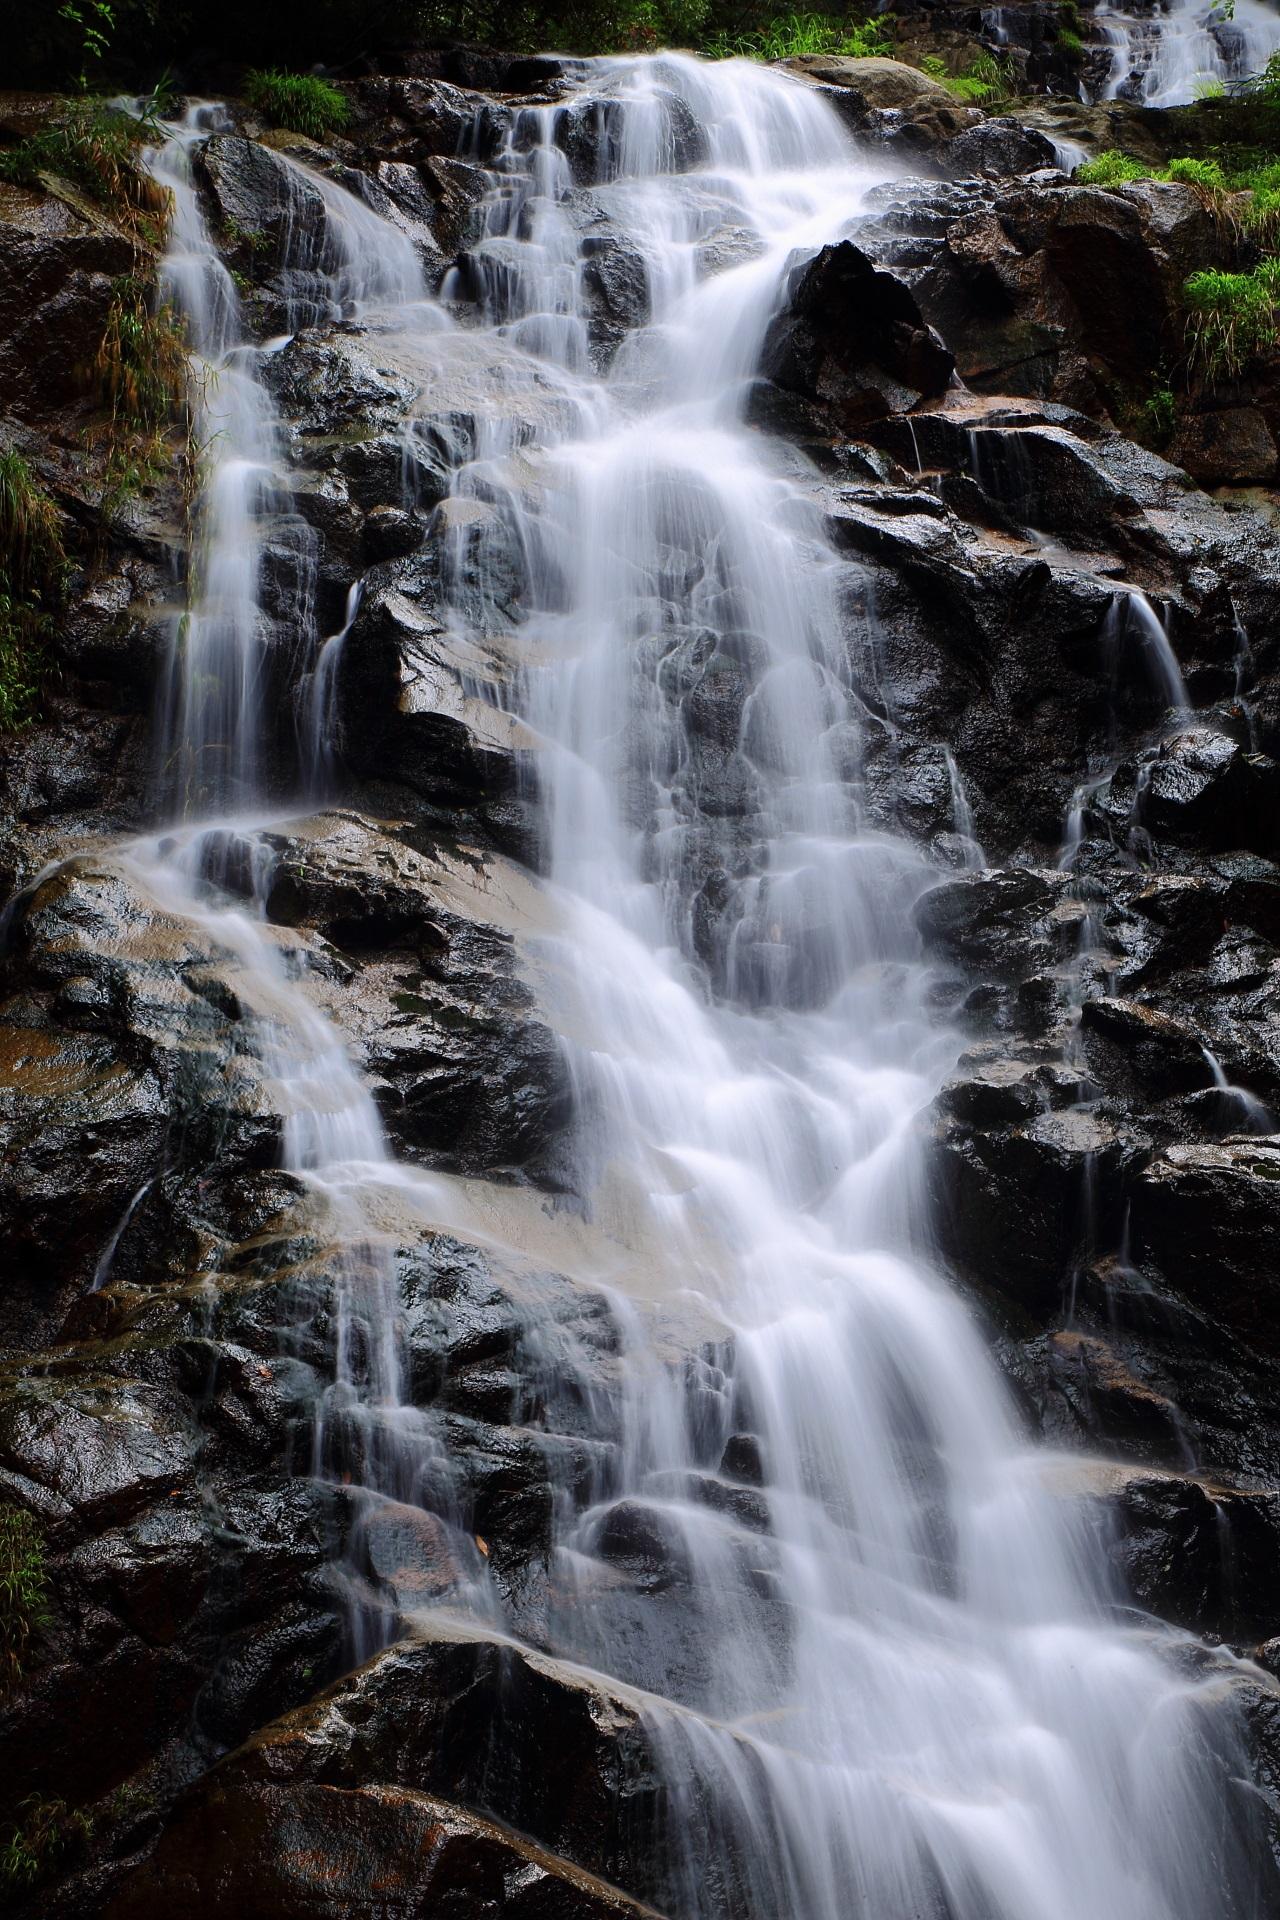 滝の名所の絶品の水の流れ